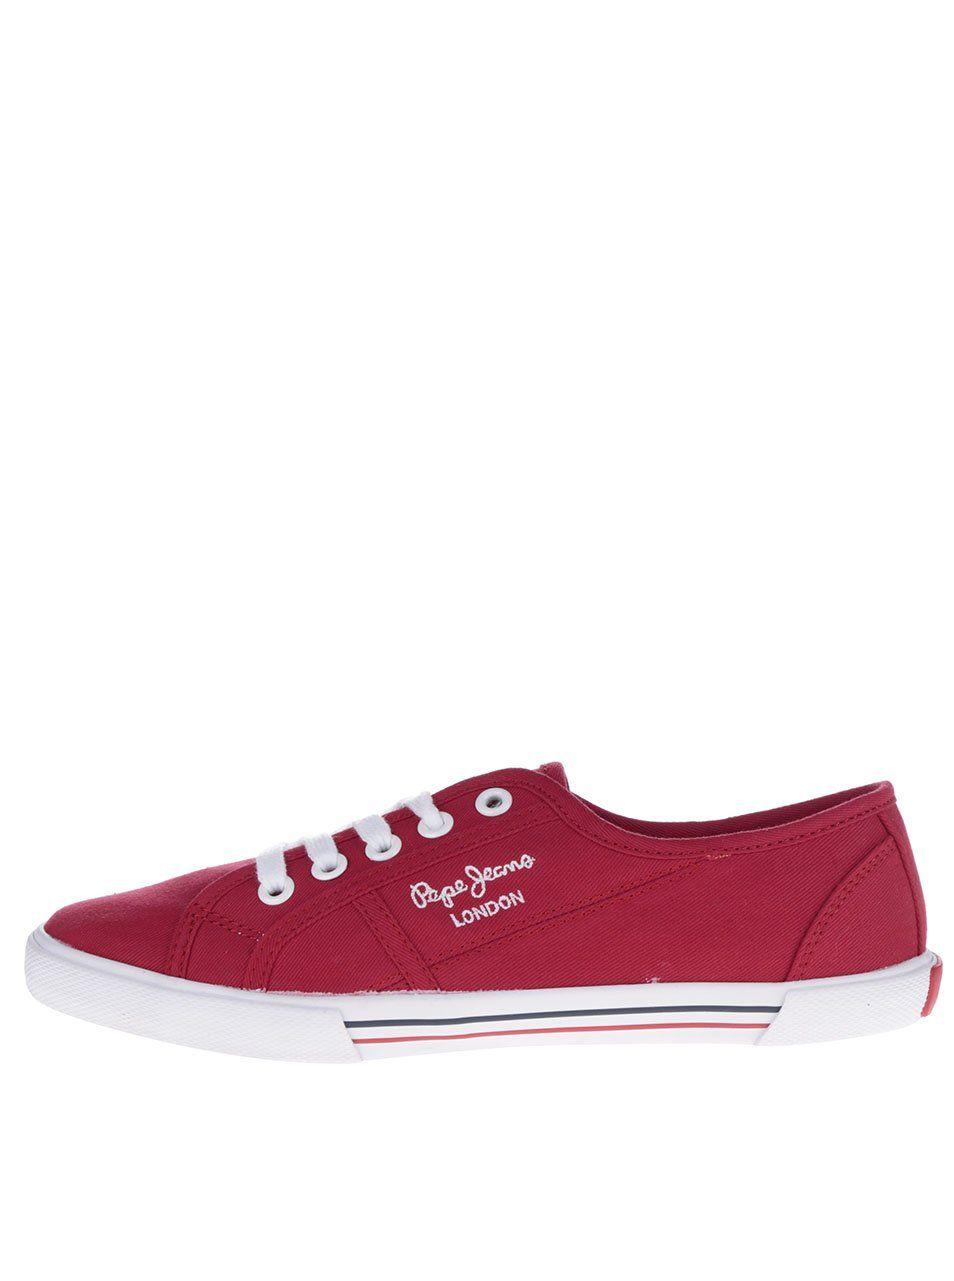 Červené dámské tenisky Pepe Jeans Aberlady Basic 1679 Kč  f0f749ef4b